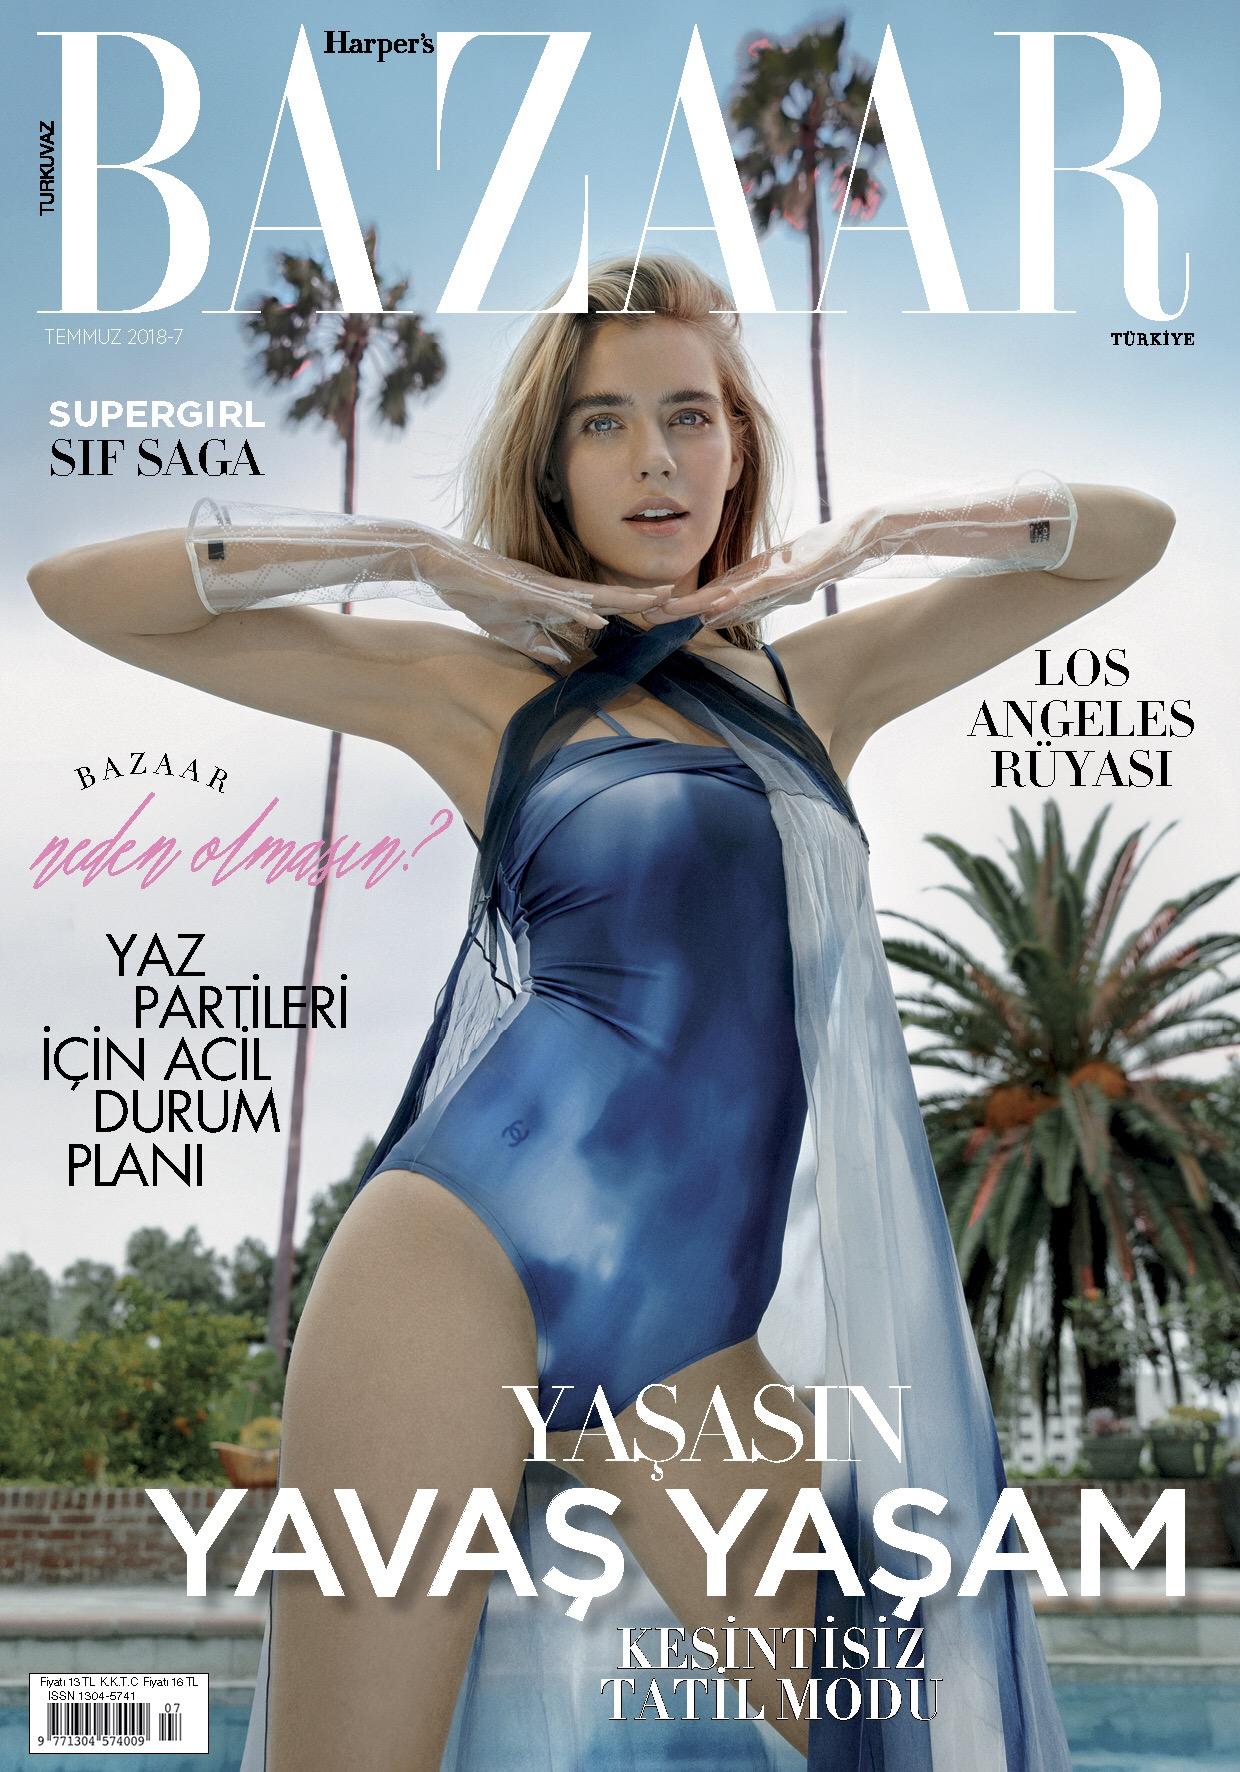 Harper's Bazaar Turkey Cover -